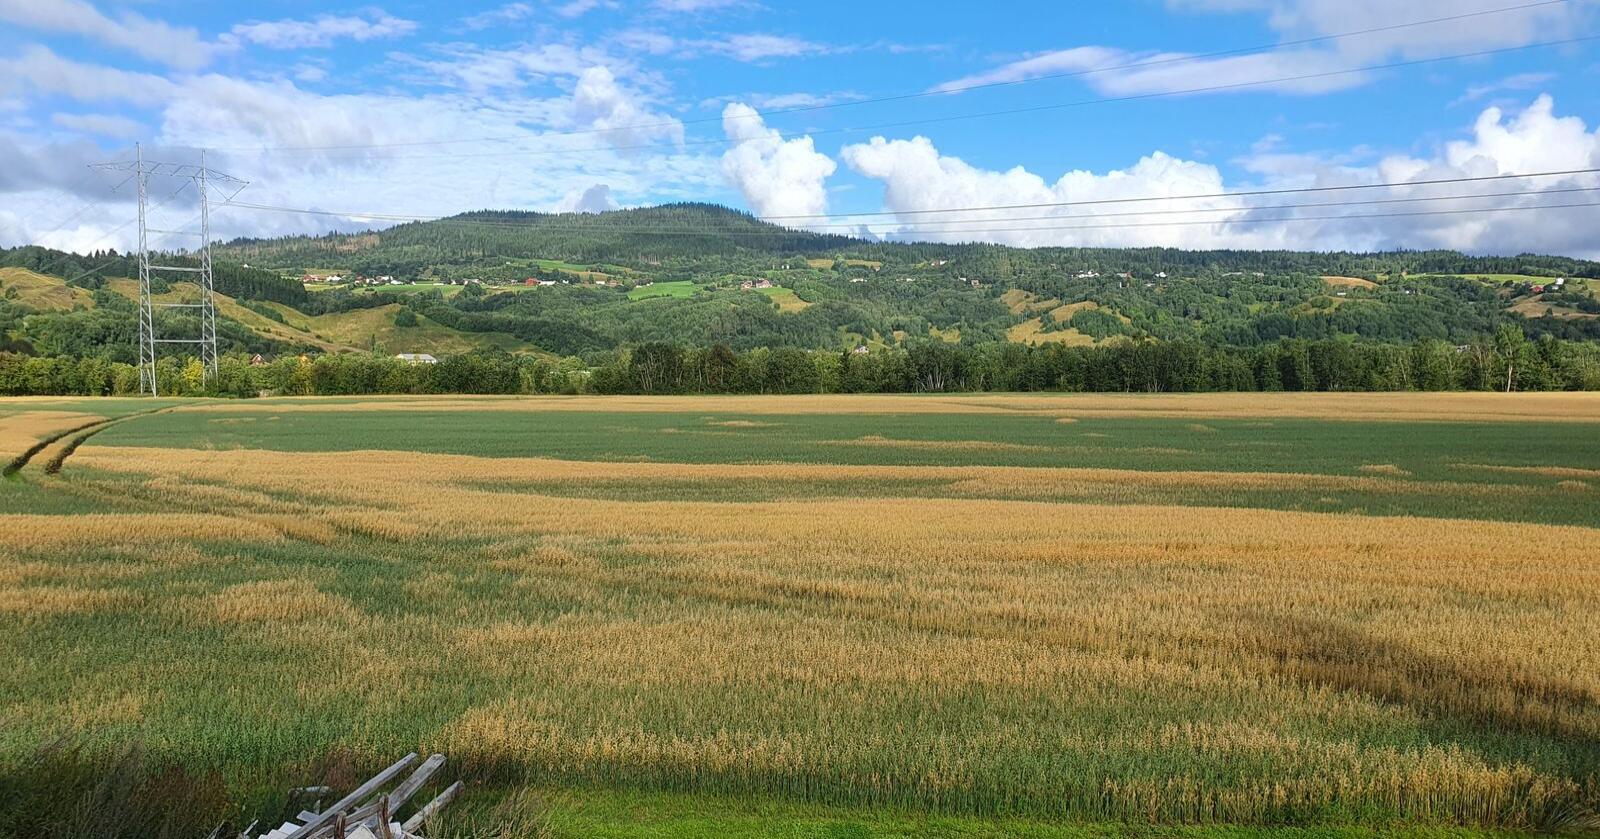 Etterrenning på åkrene i trøndelag skaper problemer for kornprodusenter. Foto: Ola Eikli